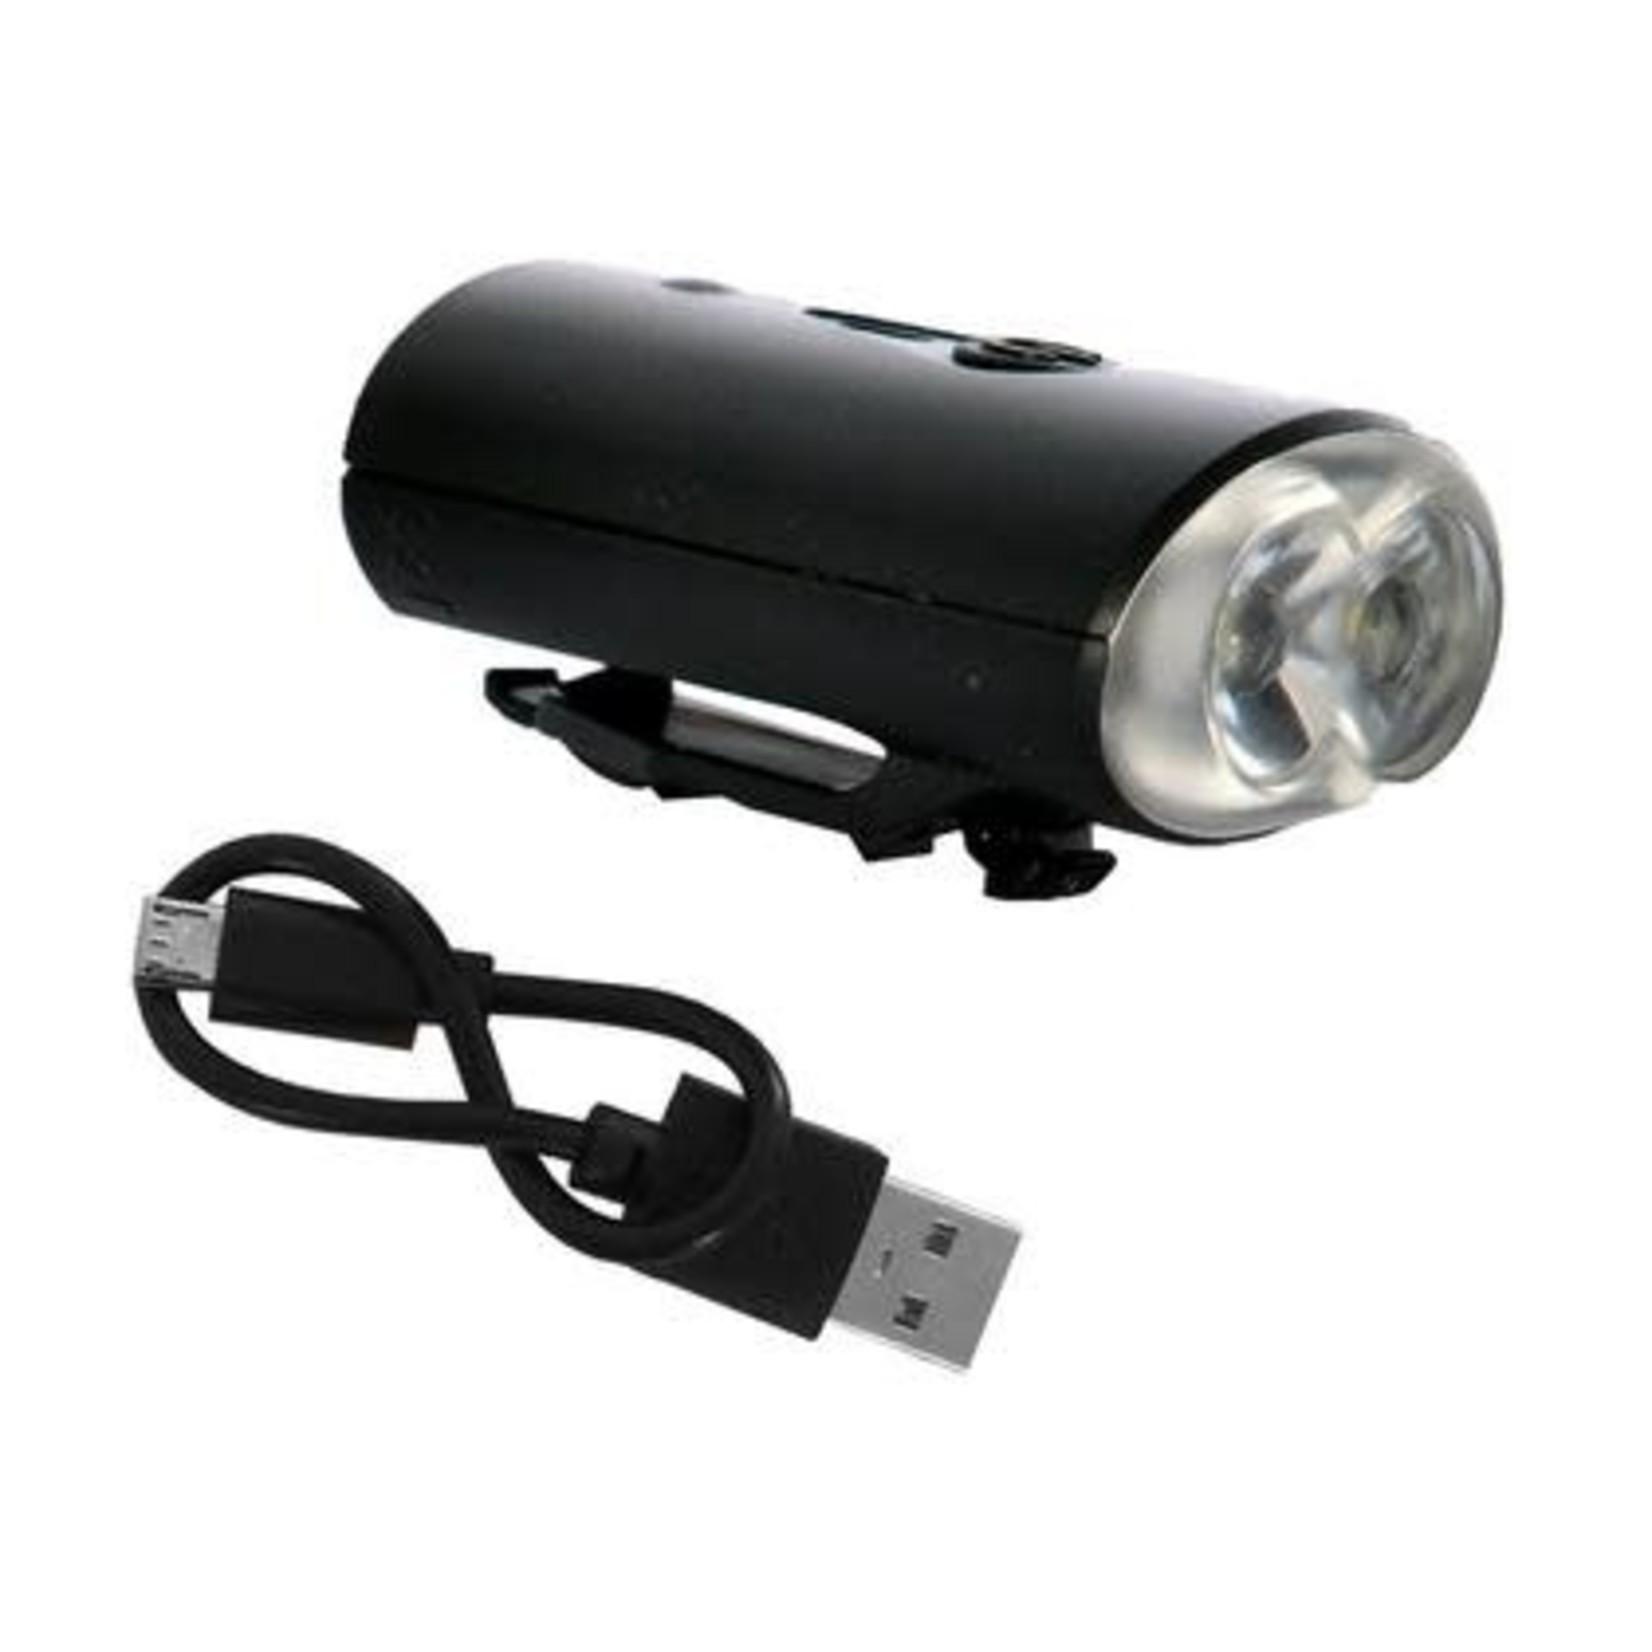 Oxford Ultratorch Mini+ USB Headlight 100